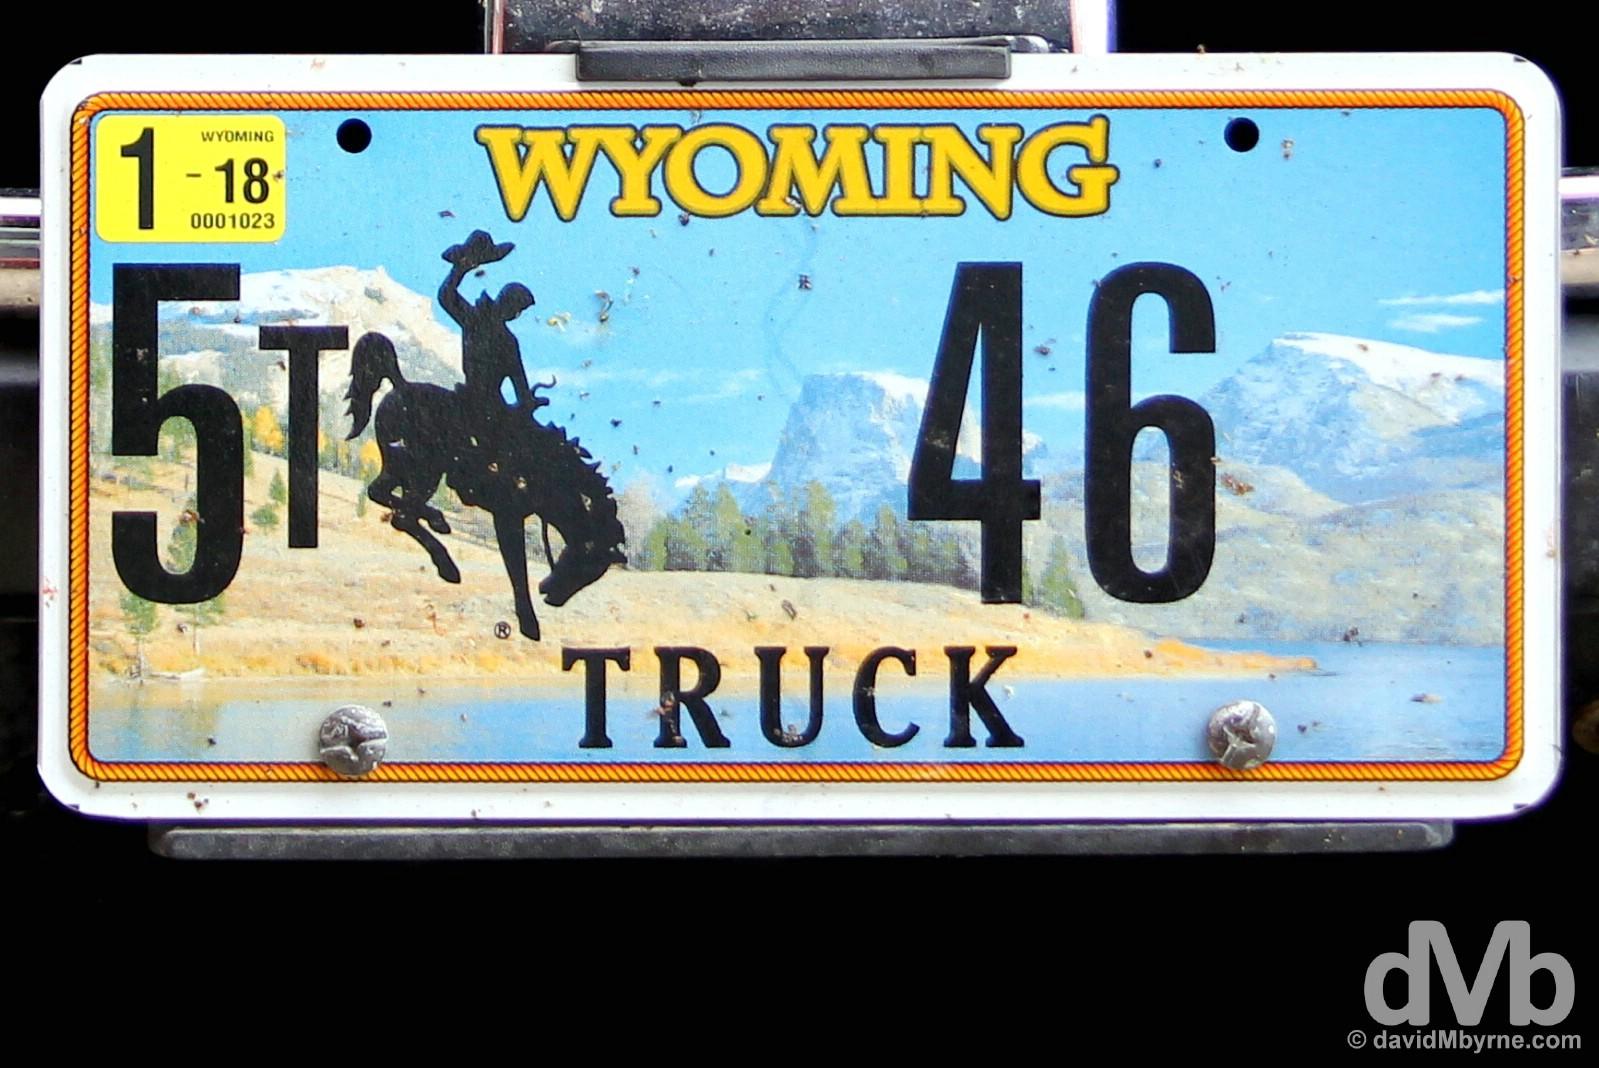 Plate. Laramie, Wyoming, USA. September 14, 2016.